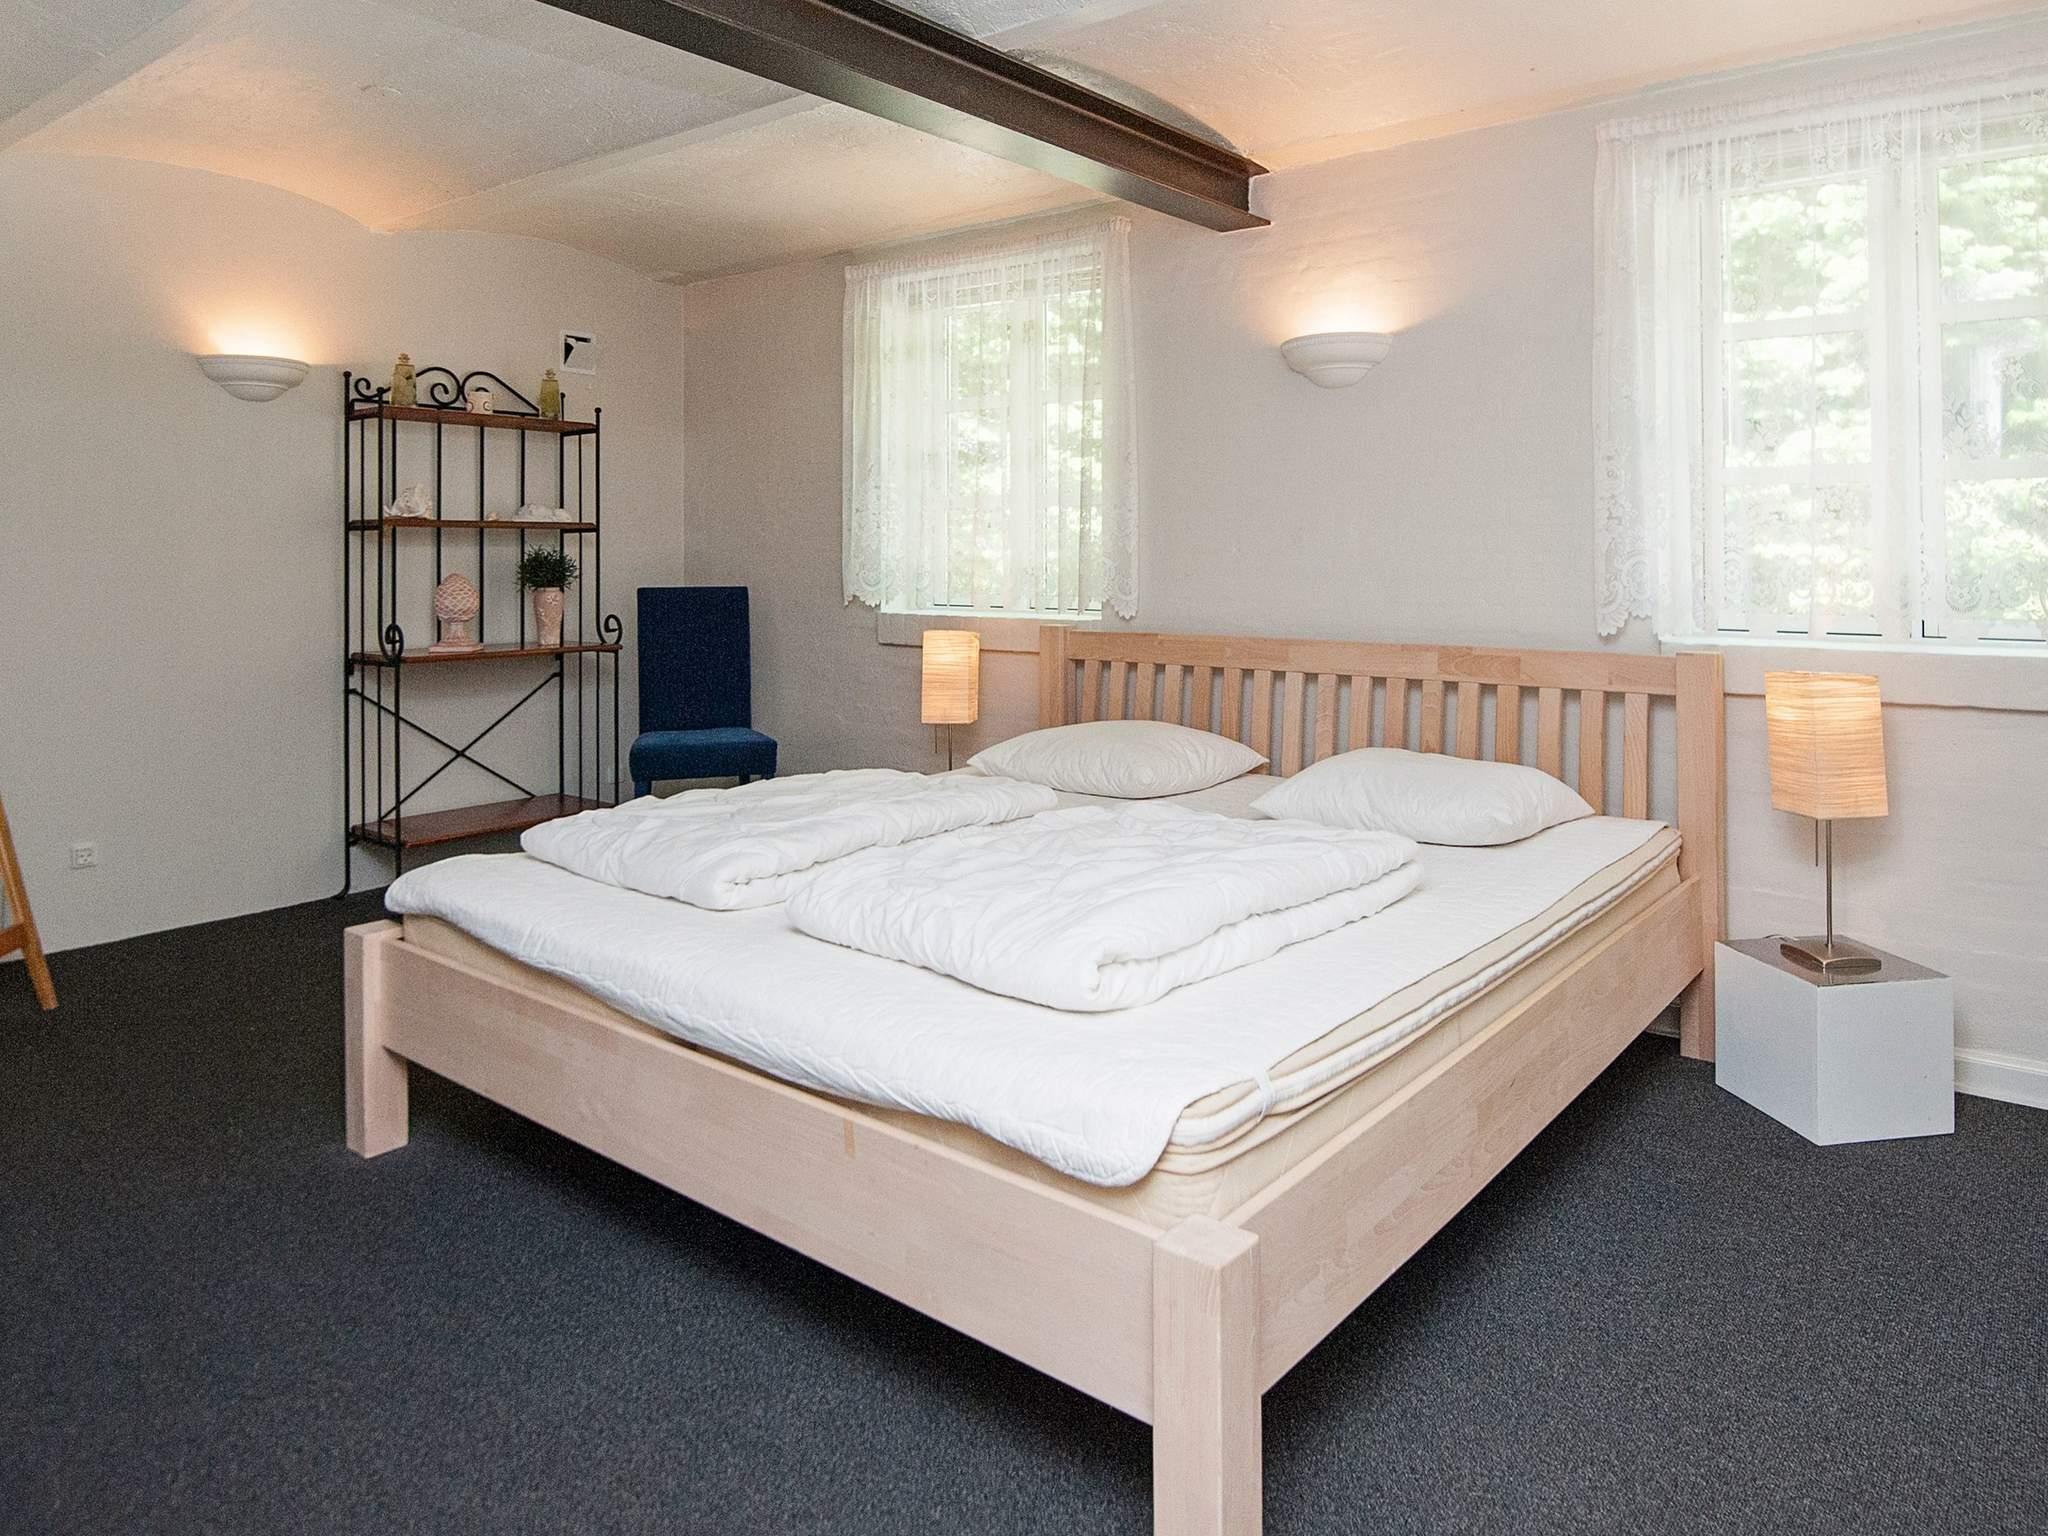 Ferienhaus St. Darum (86425), Bramming, , Südjütland, Dänemark, Bild 15